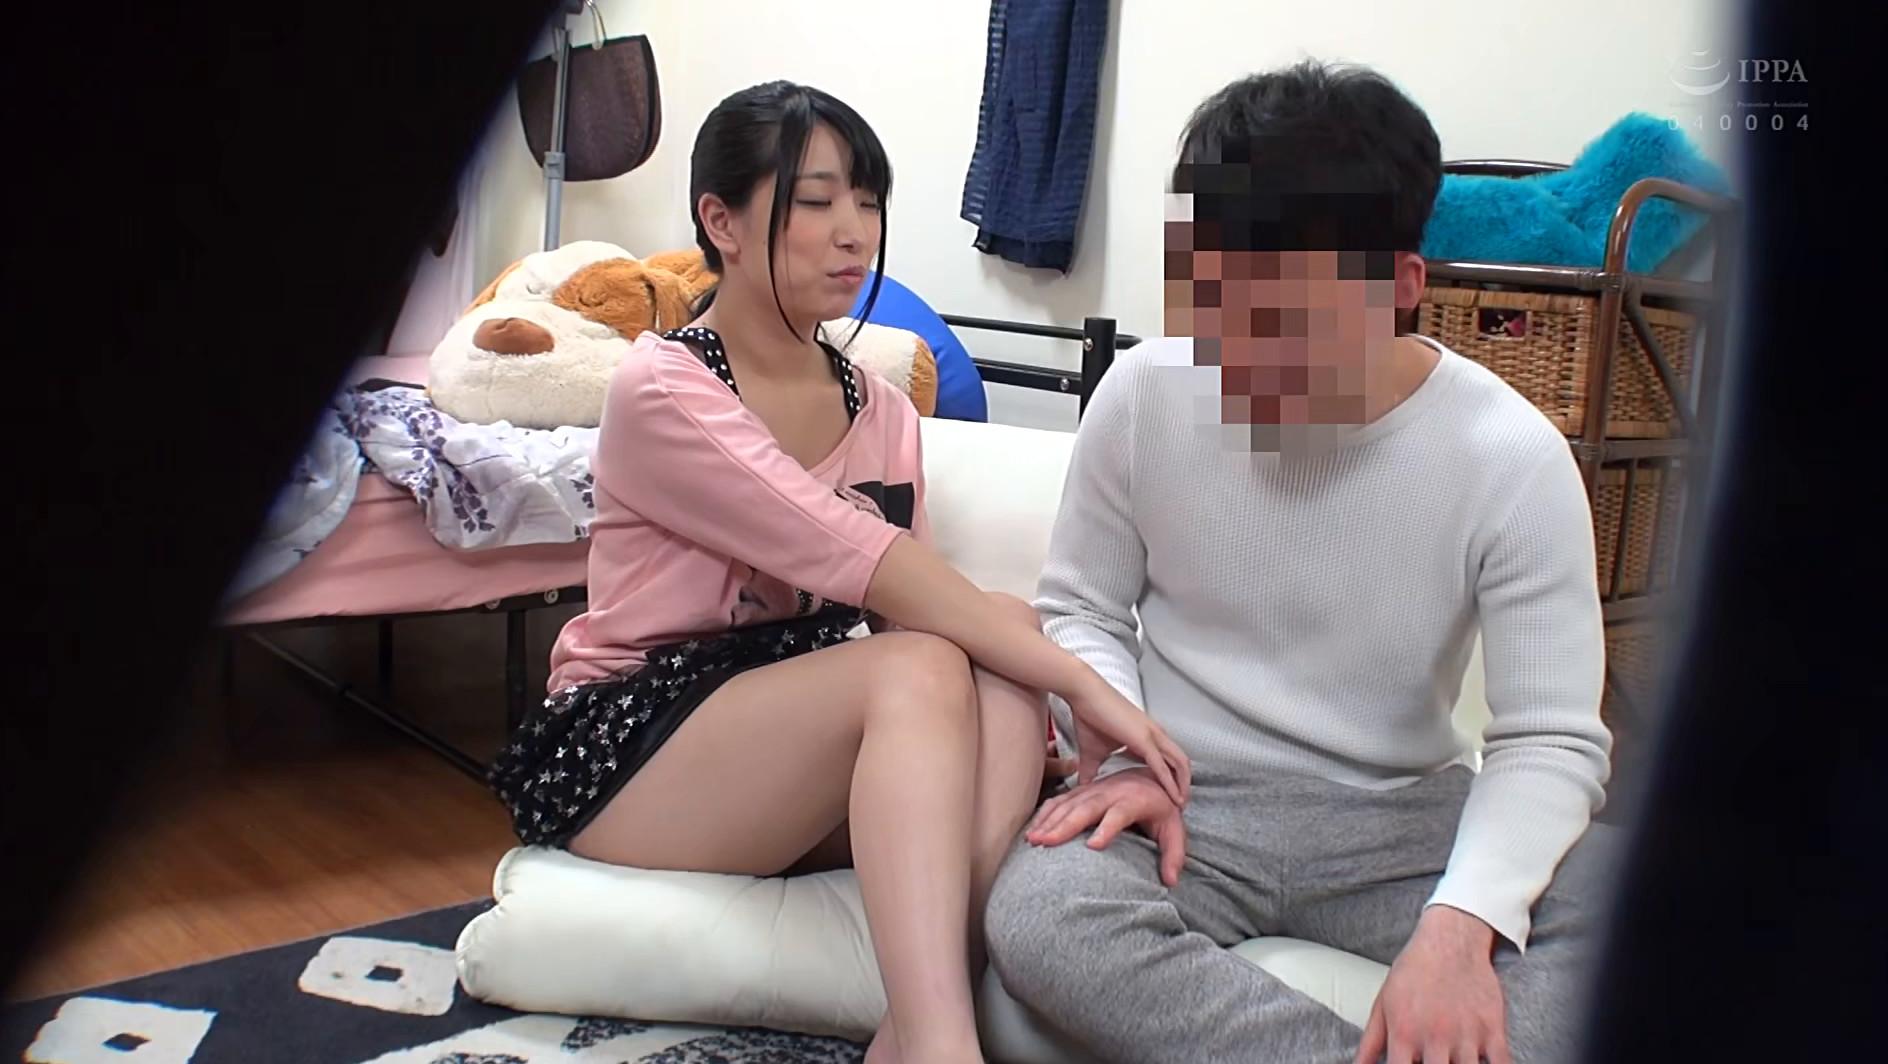 SEX映像配信する動画投稿女子の実話 みひな 画像11